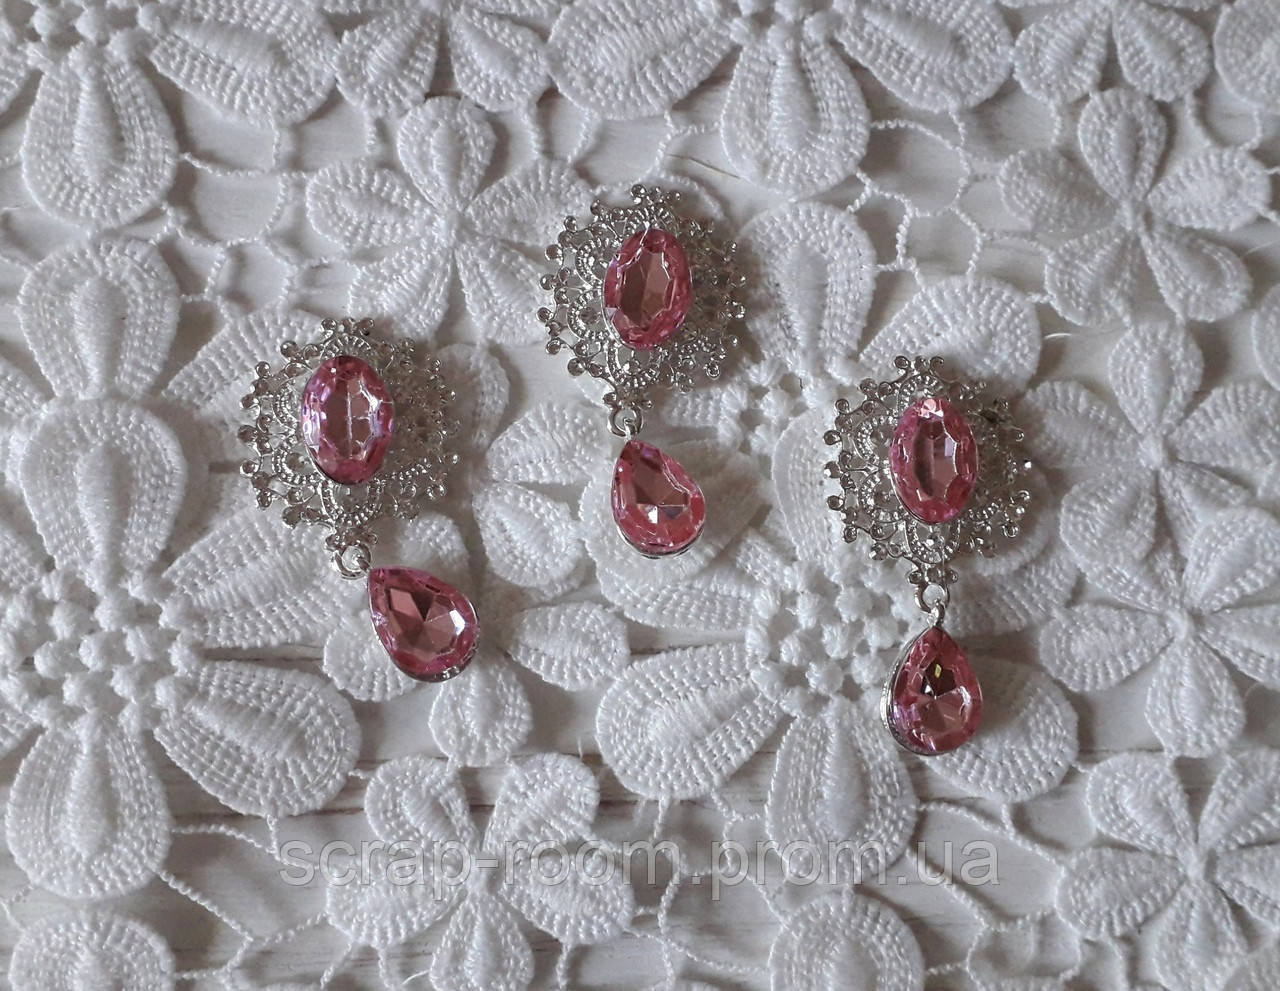 Брошь со стразами, брошь с розовым камнем, брошь с подвеской, брошь свадебная, размер 25*45 мм, цена за шт